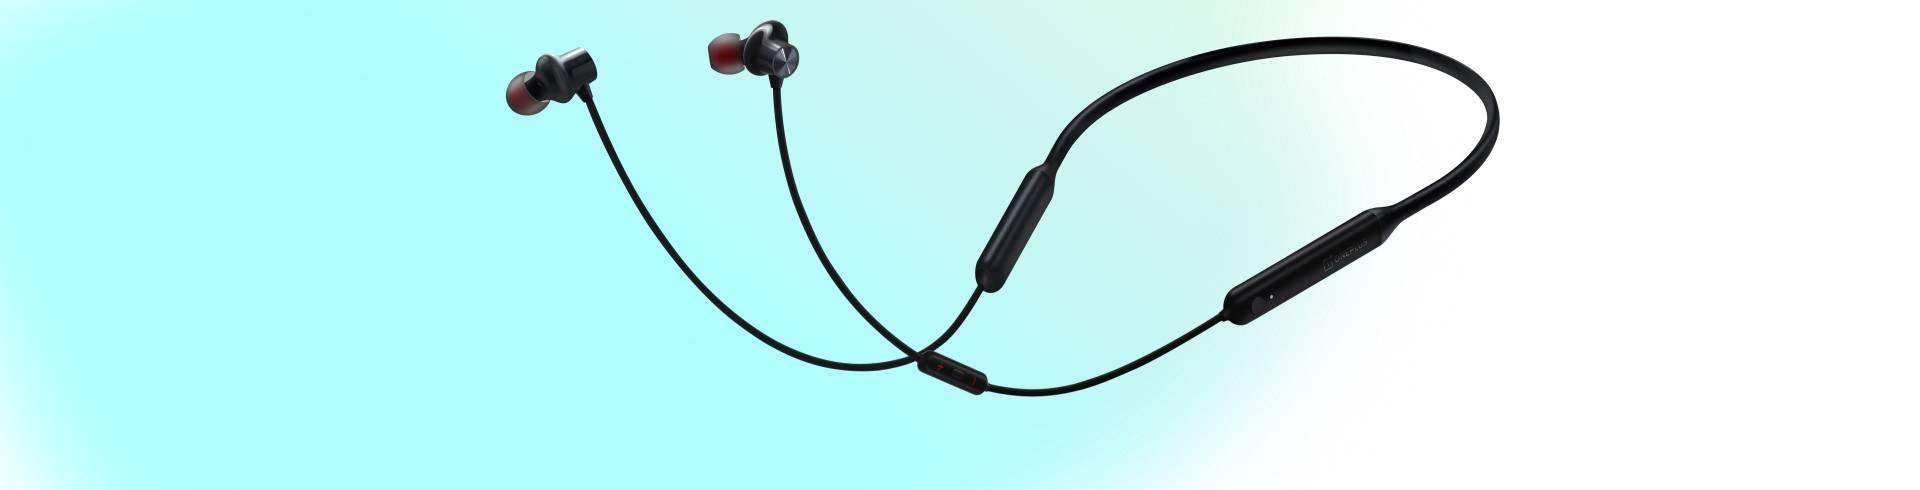 OnePlus Bullets Wireless Z earphones